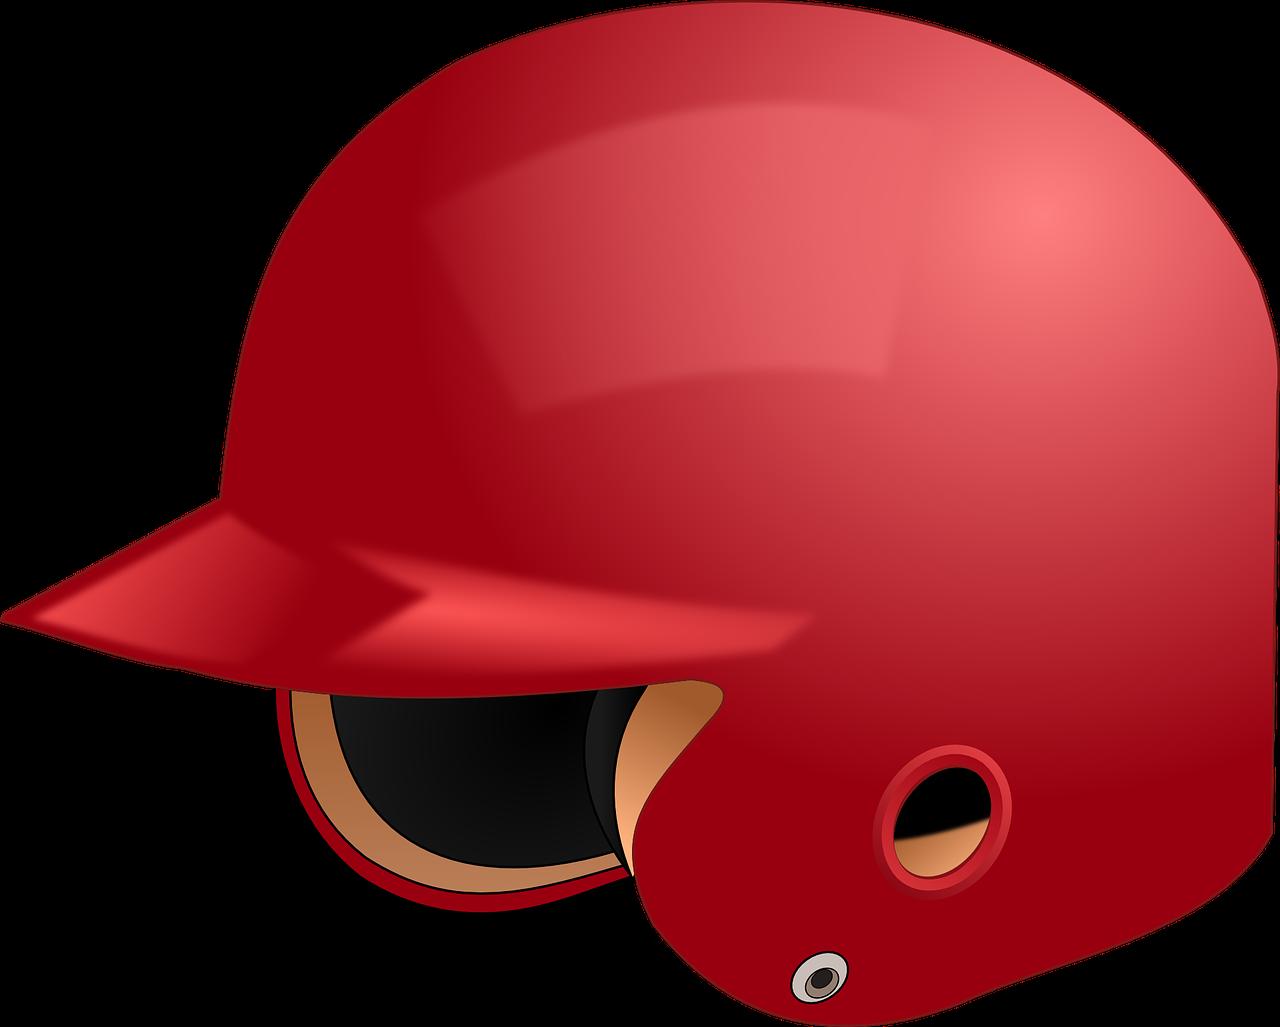 Clipart baseball helmet freeuse Batting helmet Baseball Clip art - helmet 1280*1027 transprent Png ... freeuse